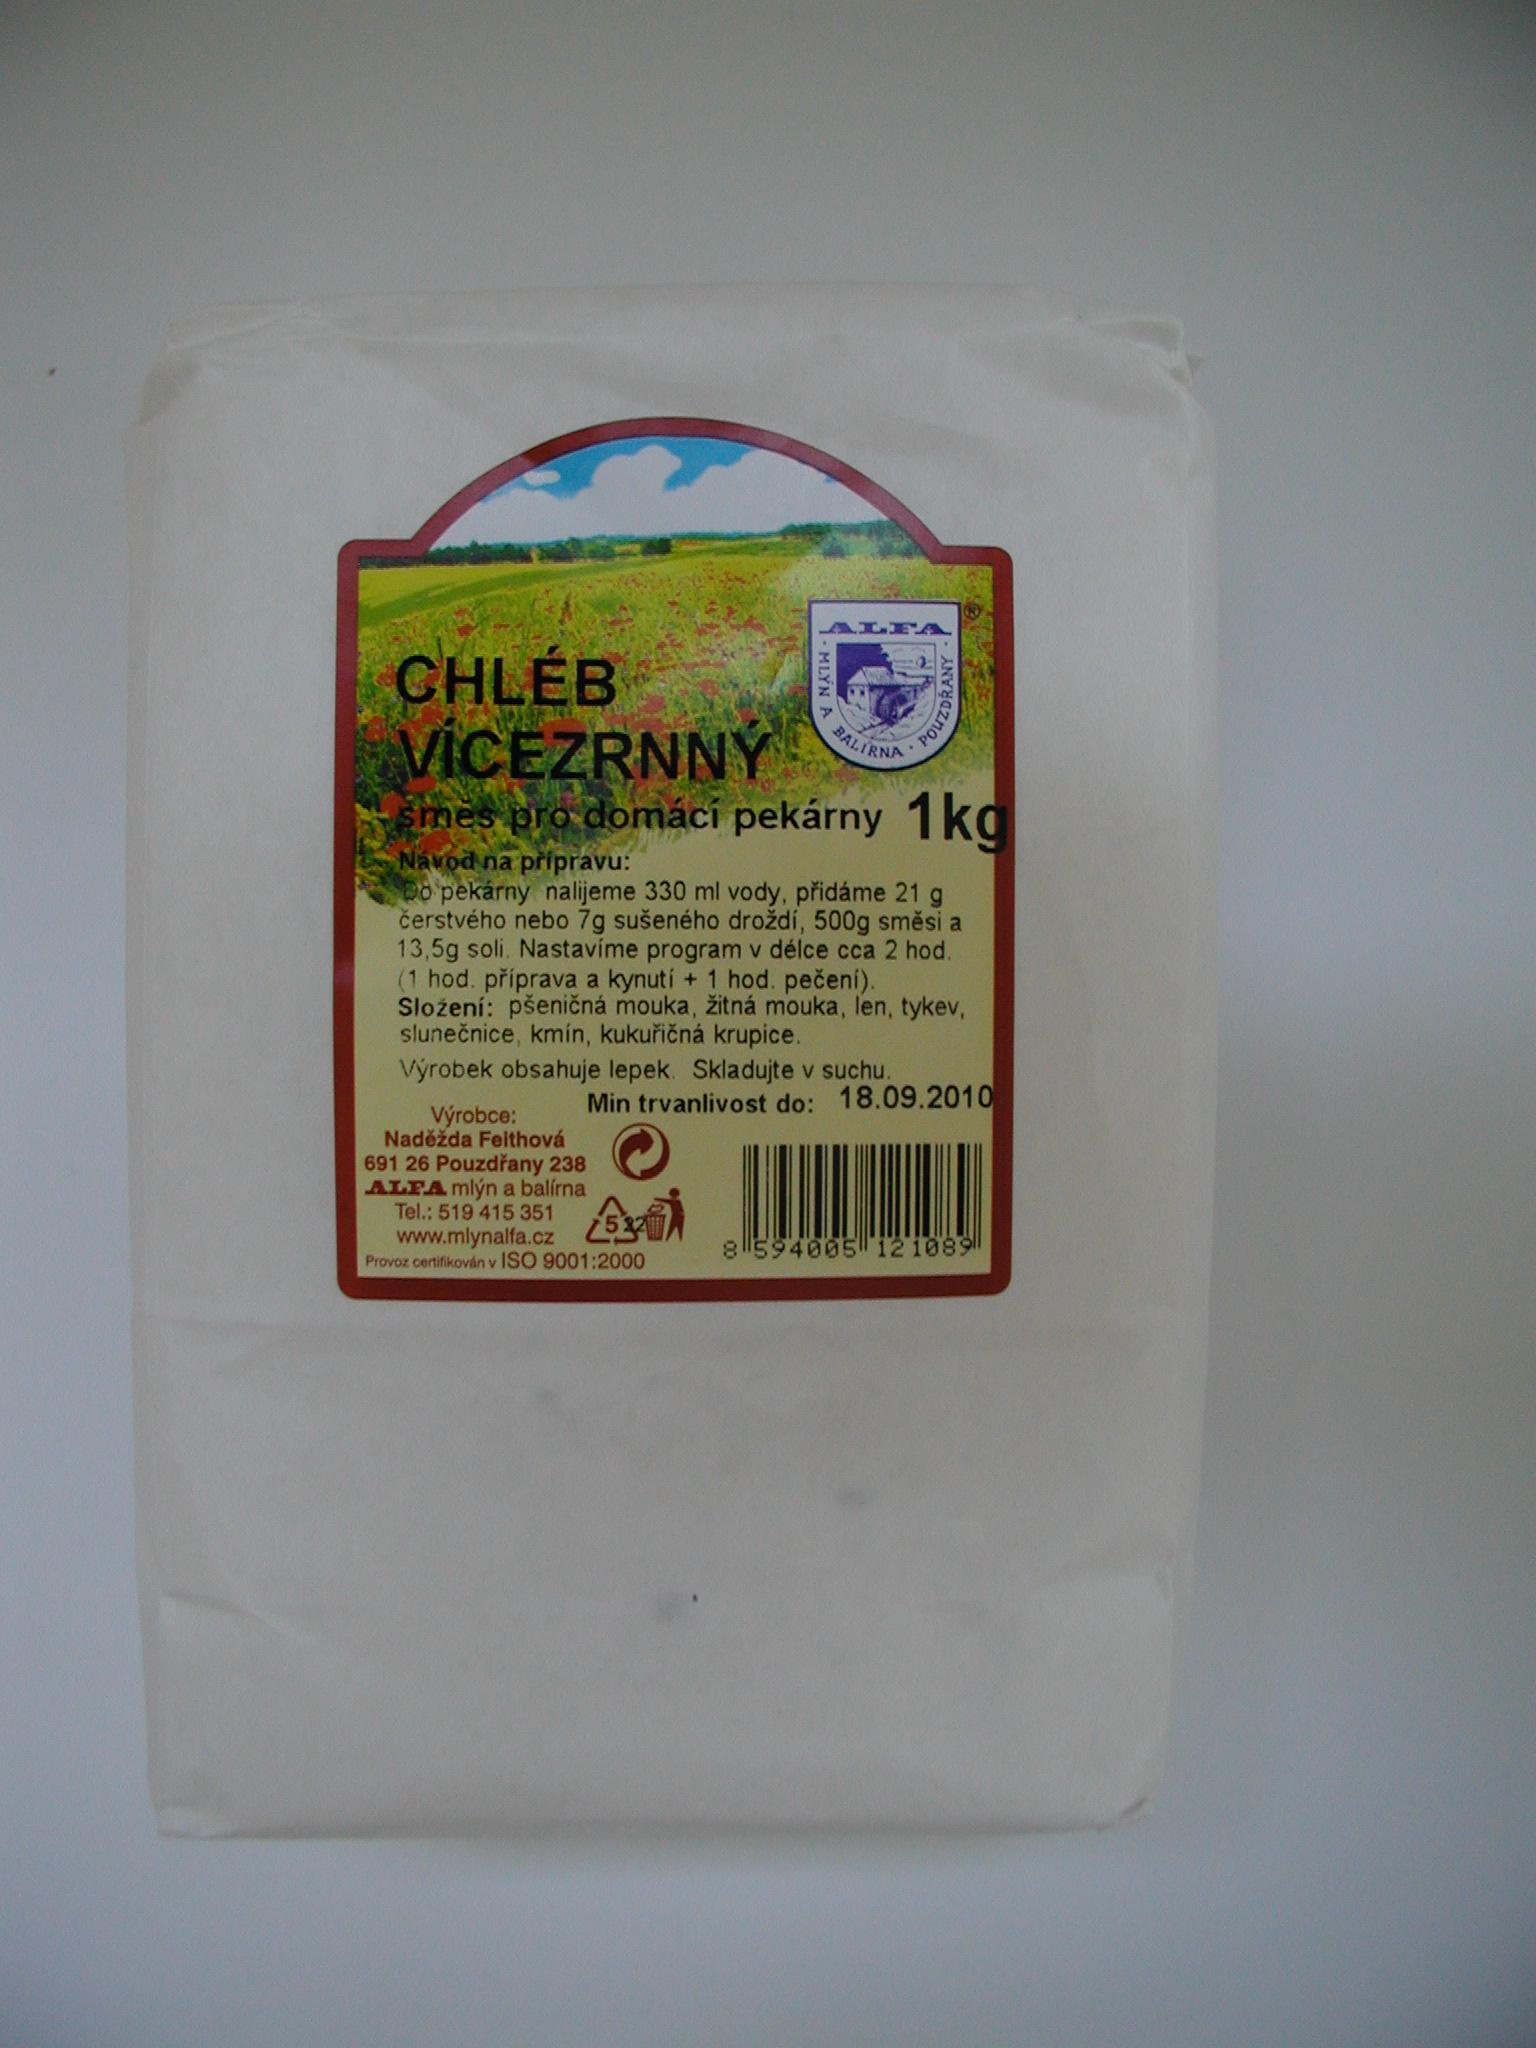 prodej mlýnských výrobků  Břeclav